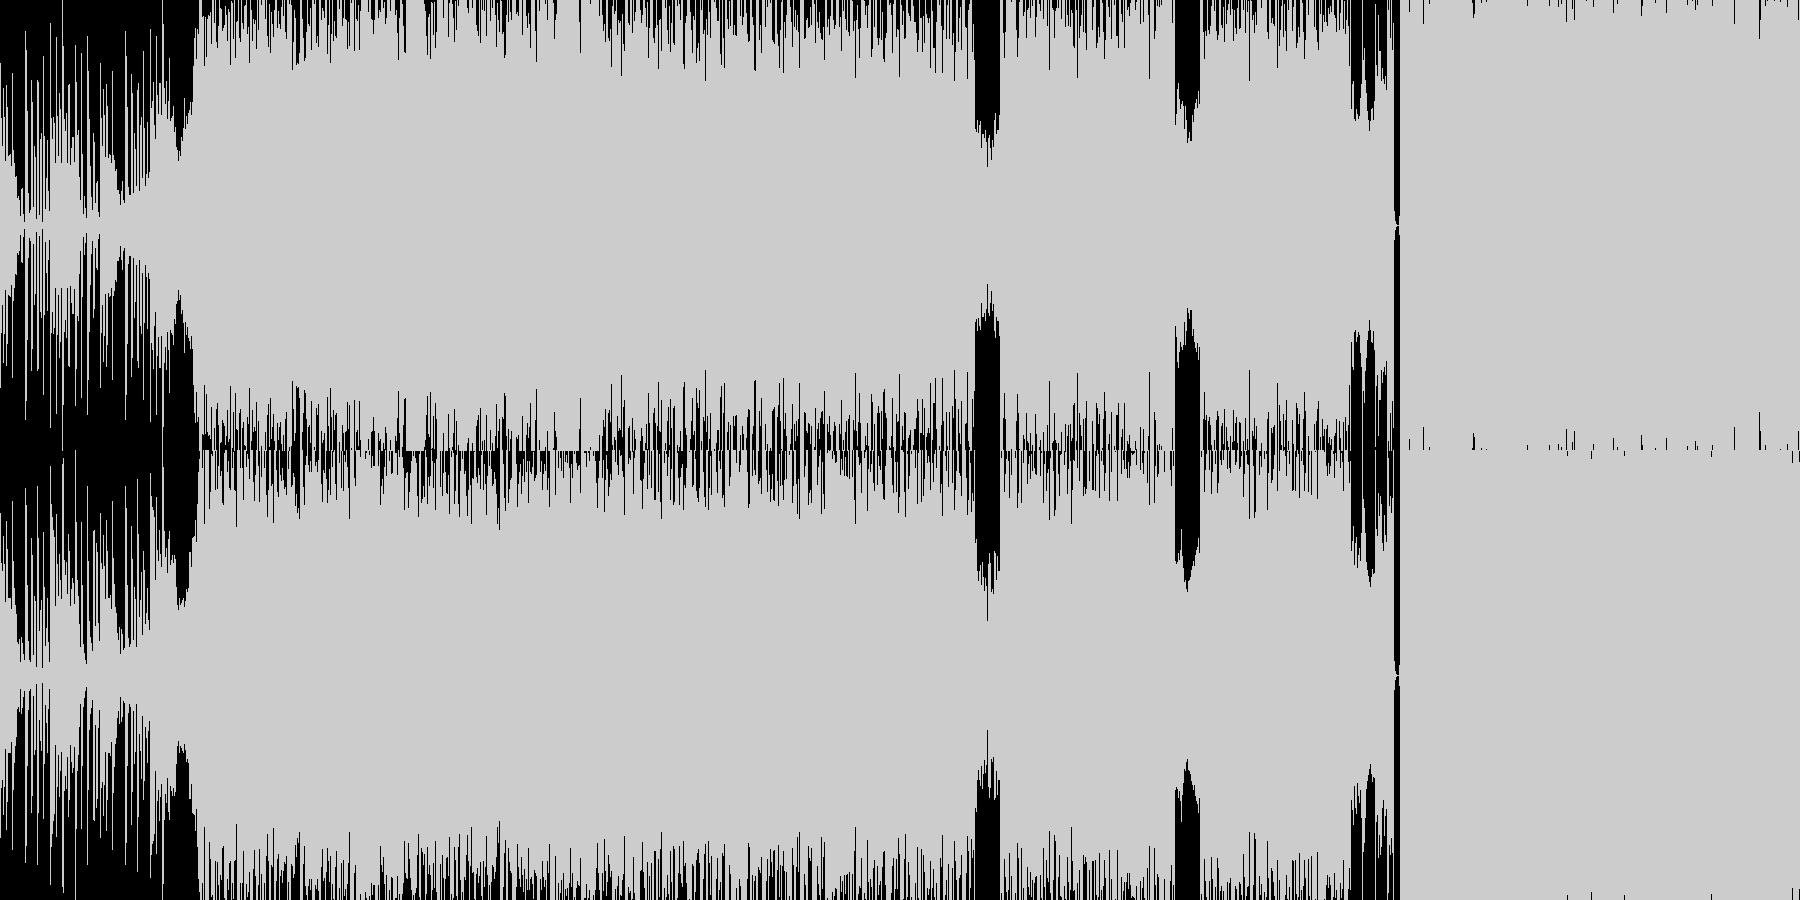 ループ仕様のデジタル系ロックの未再生の波形